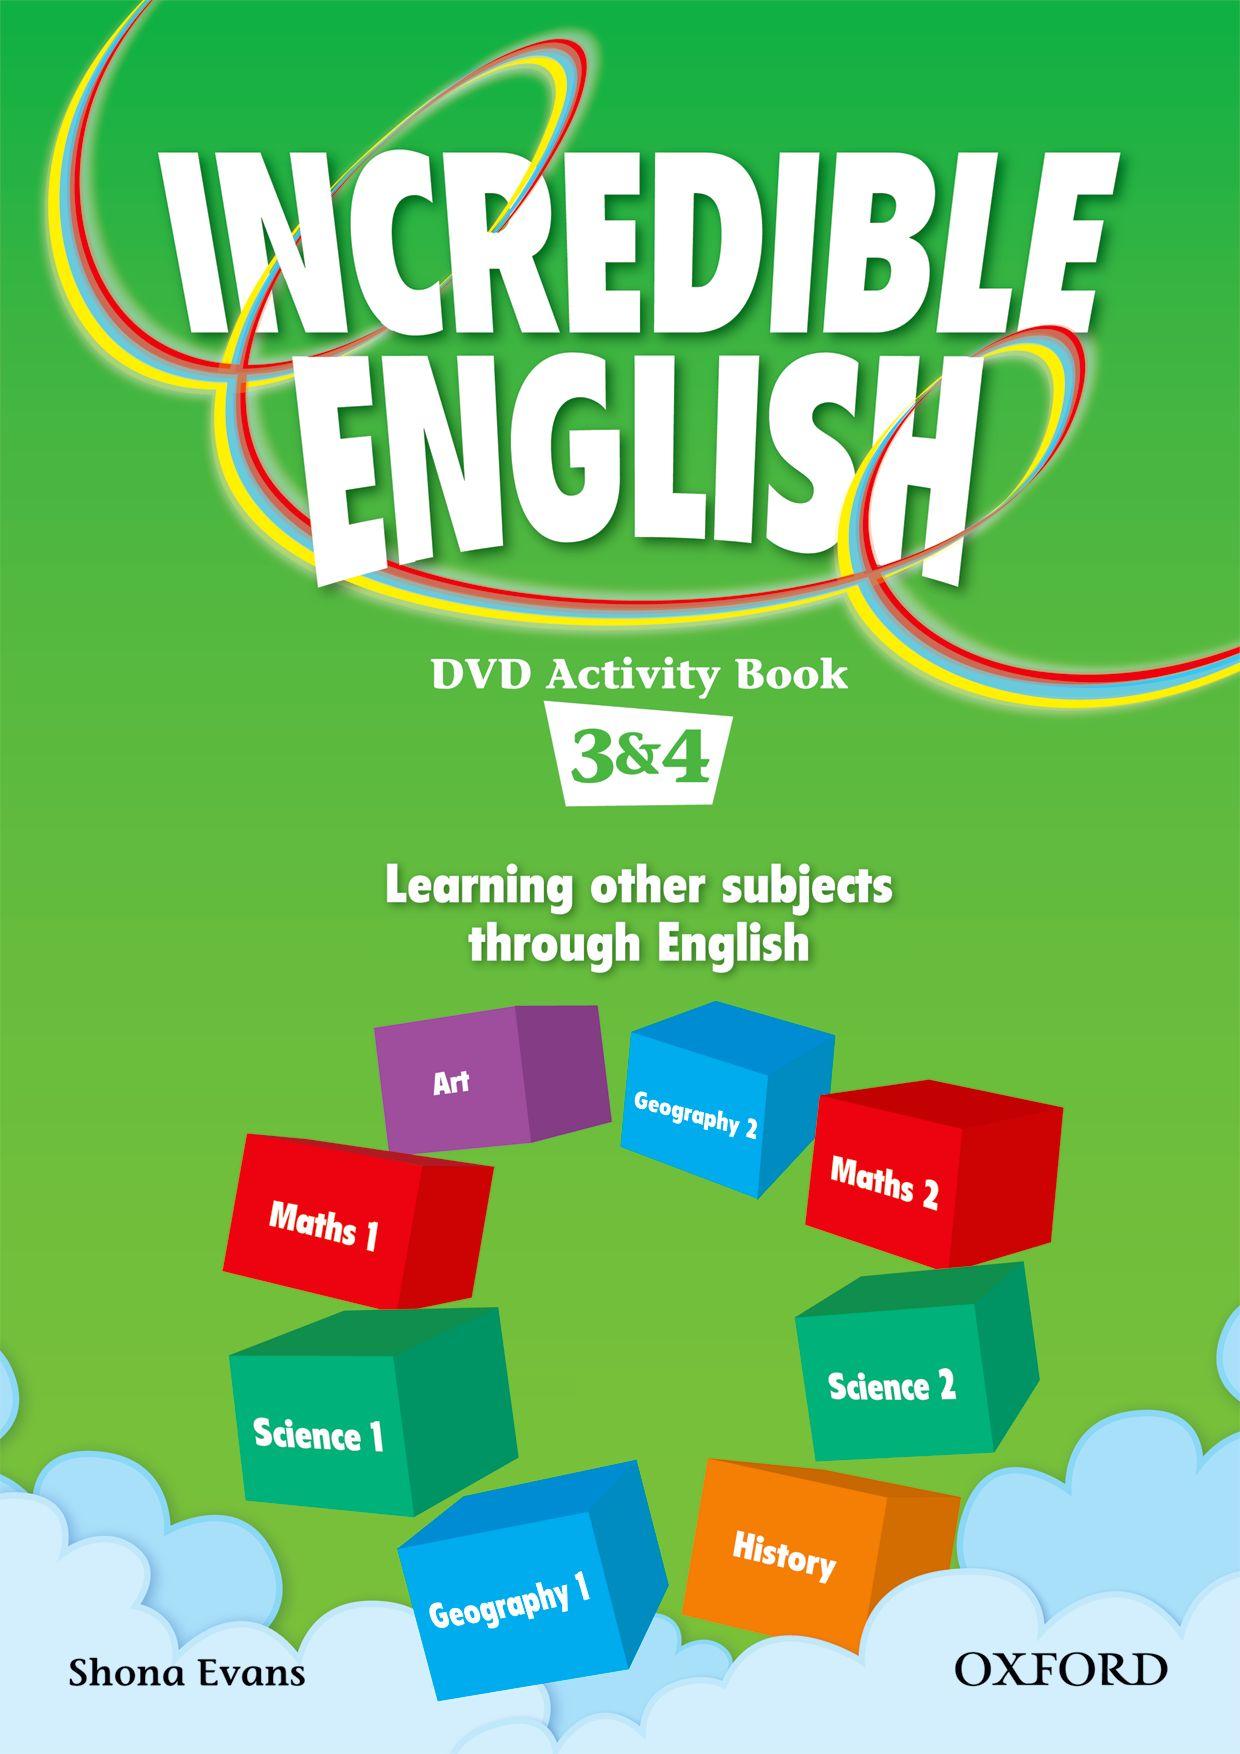 INCREDIBLE ENGLISHLISH 3&4 DVD AB incredible englishlish 2e 6 ab